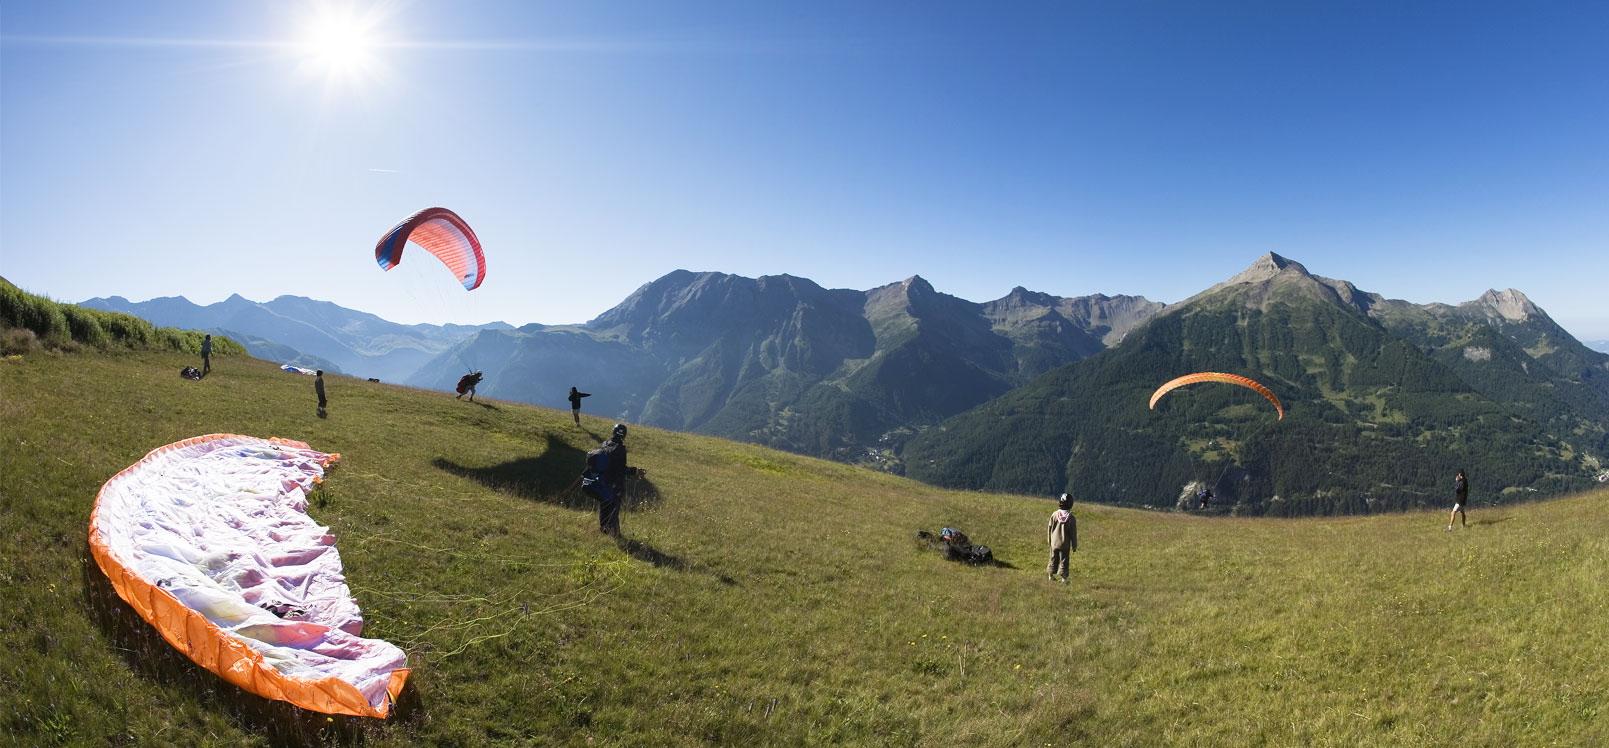 Vol Libre Parapente Hautes-Alpes